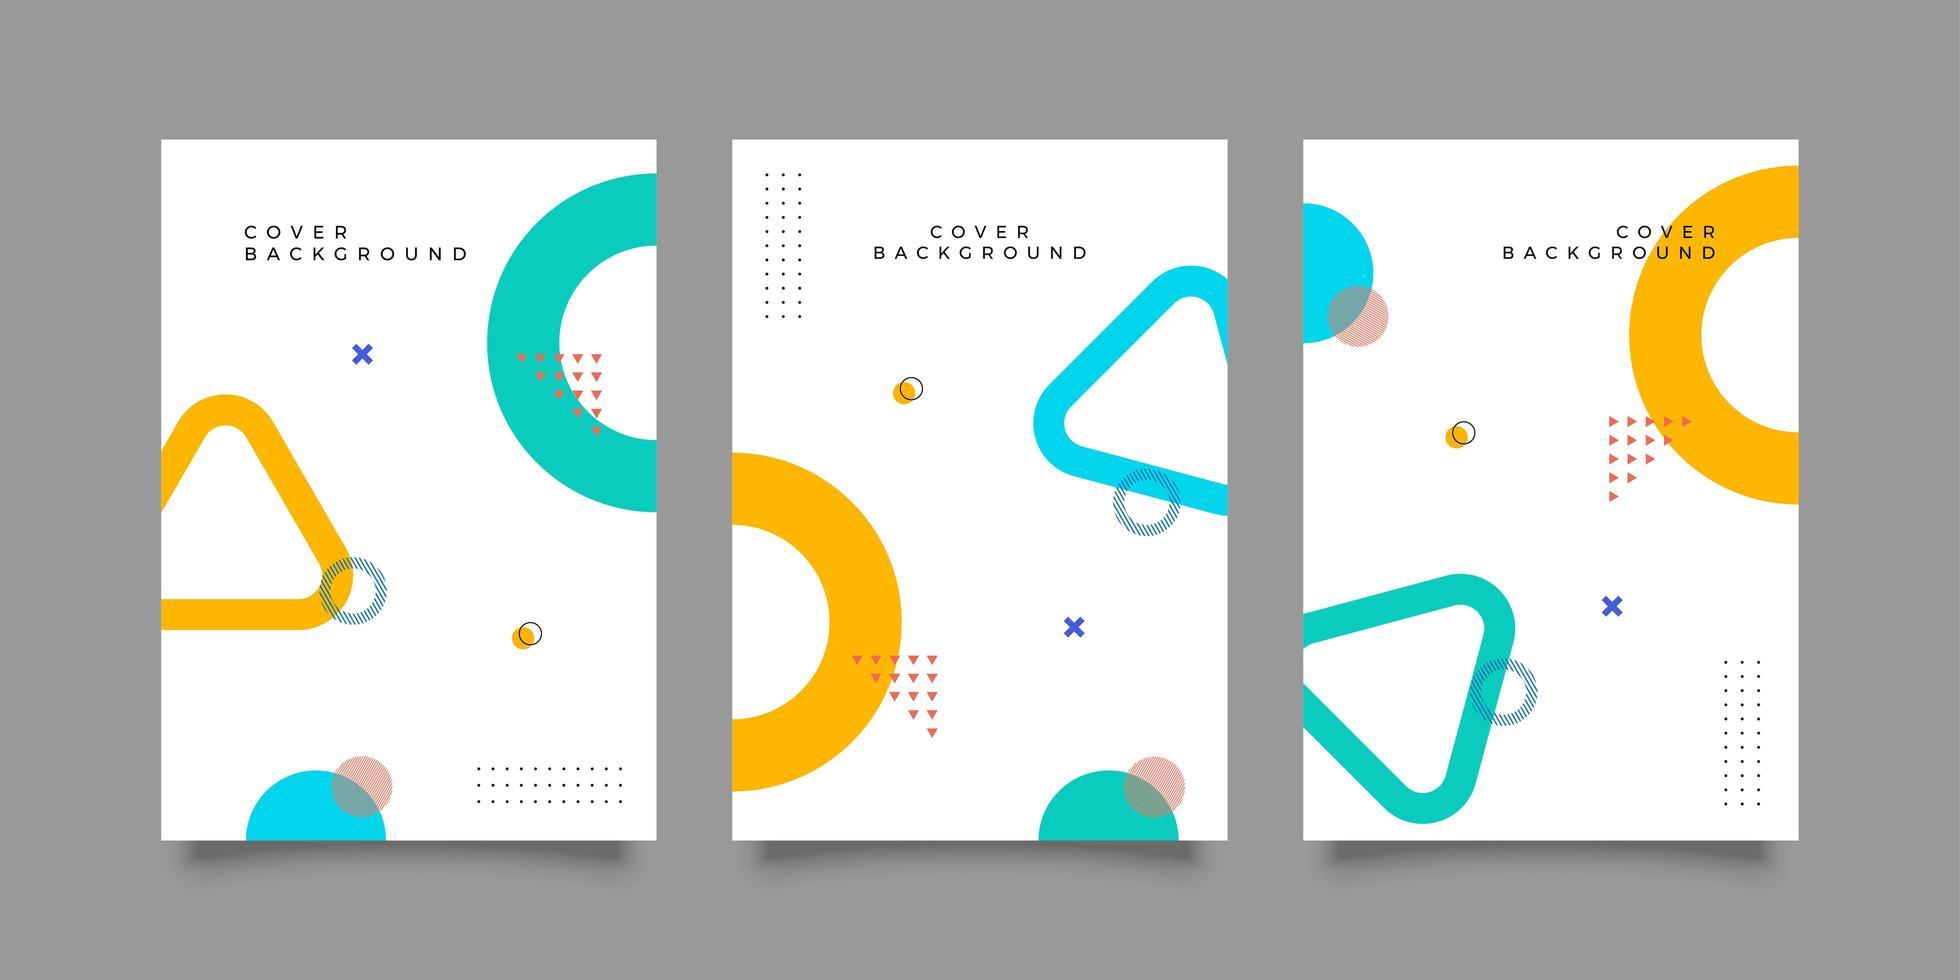 portada de revista con diseño geométrico colorido vector